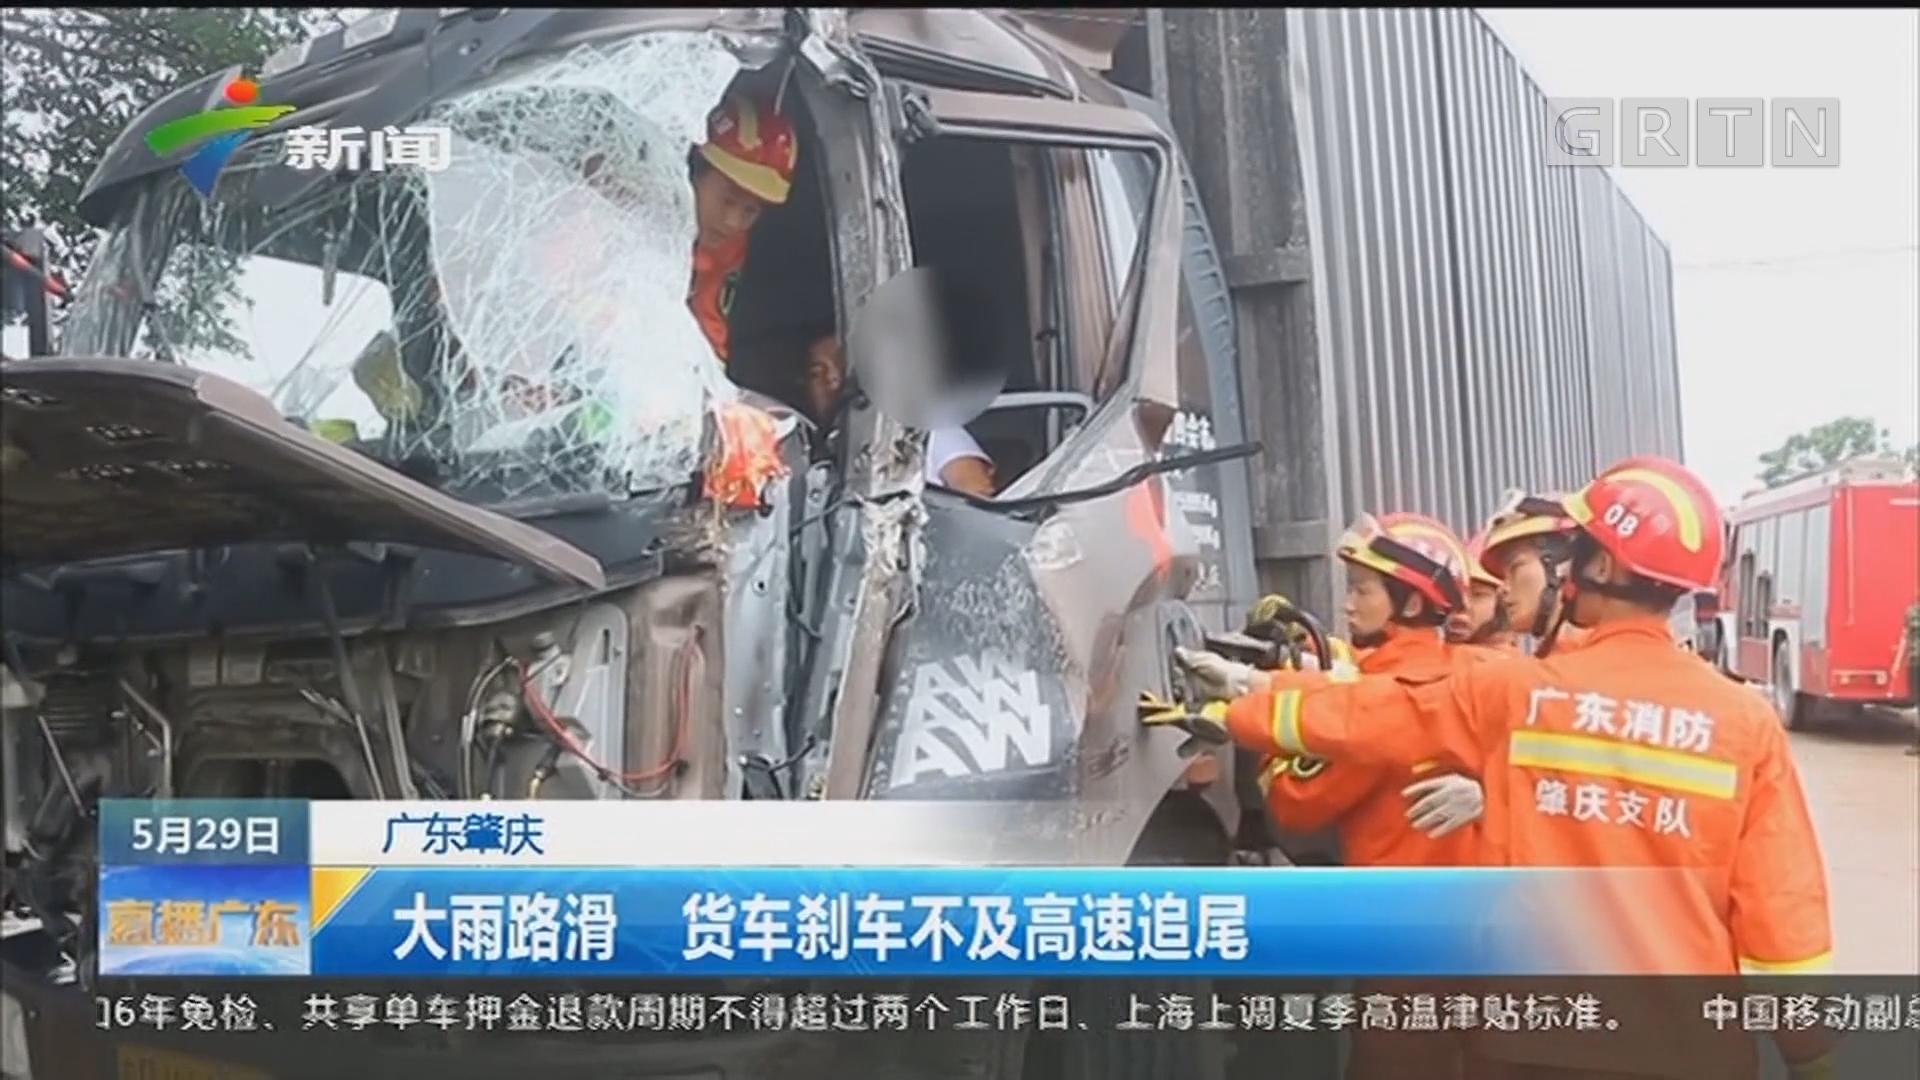 广东肇庆:大雨路滑 货车刹车不及高速追尾